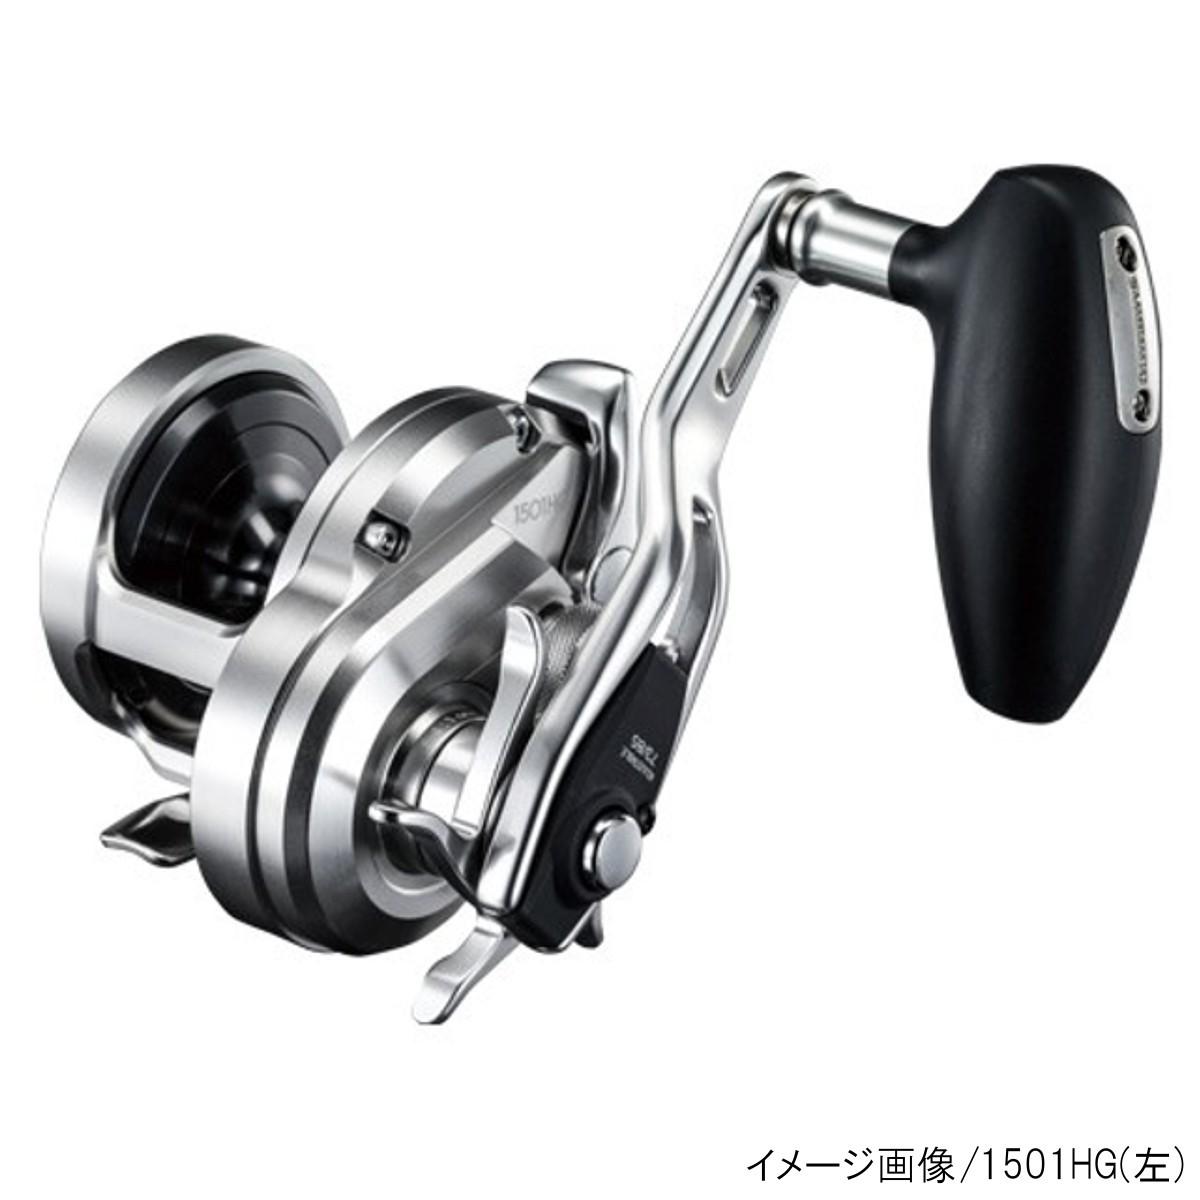 シマノ オシアジガー 1501PG(左)【送料無料】